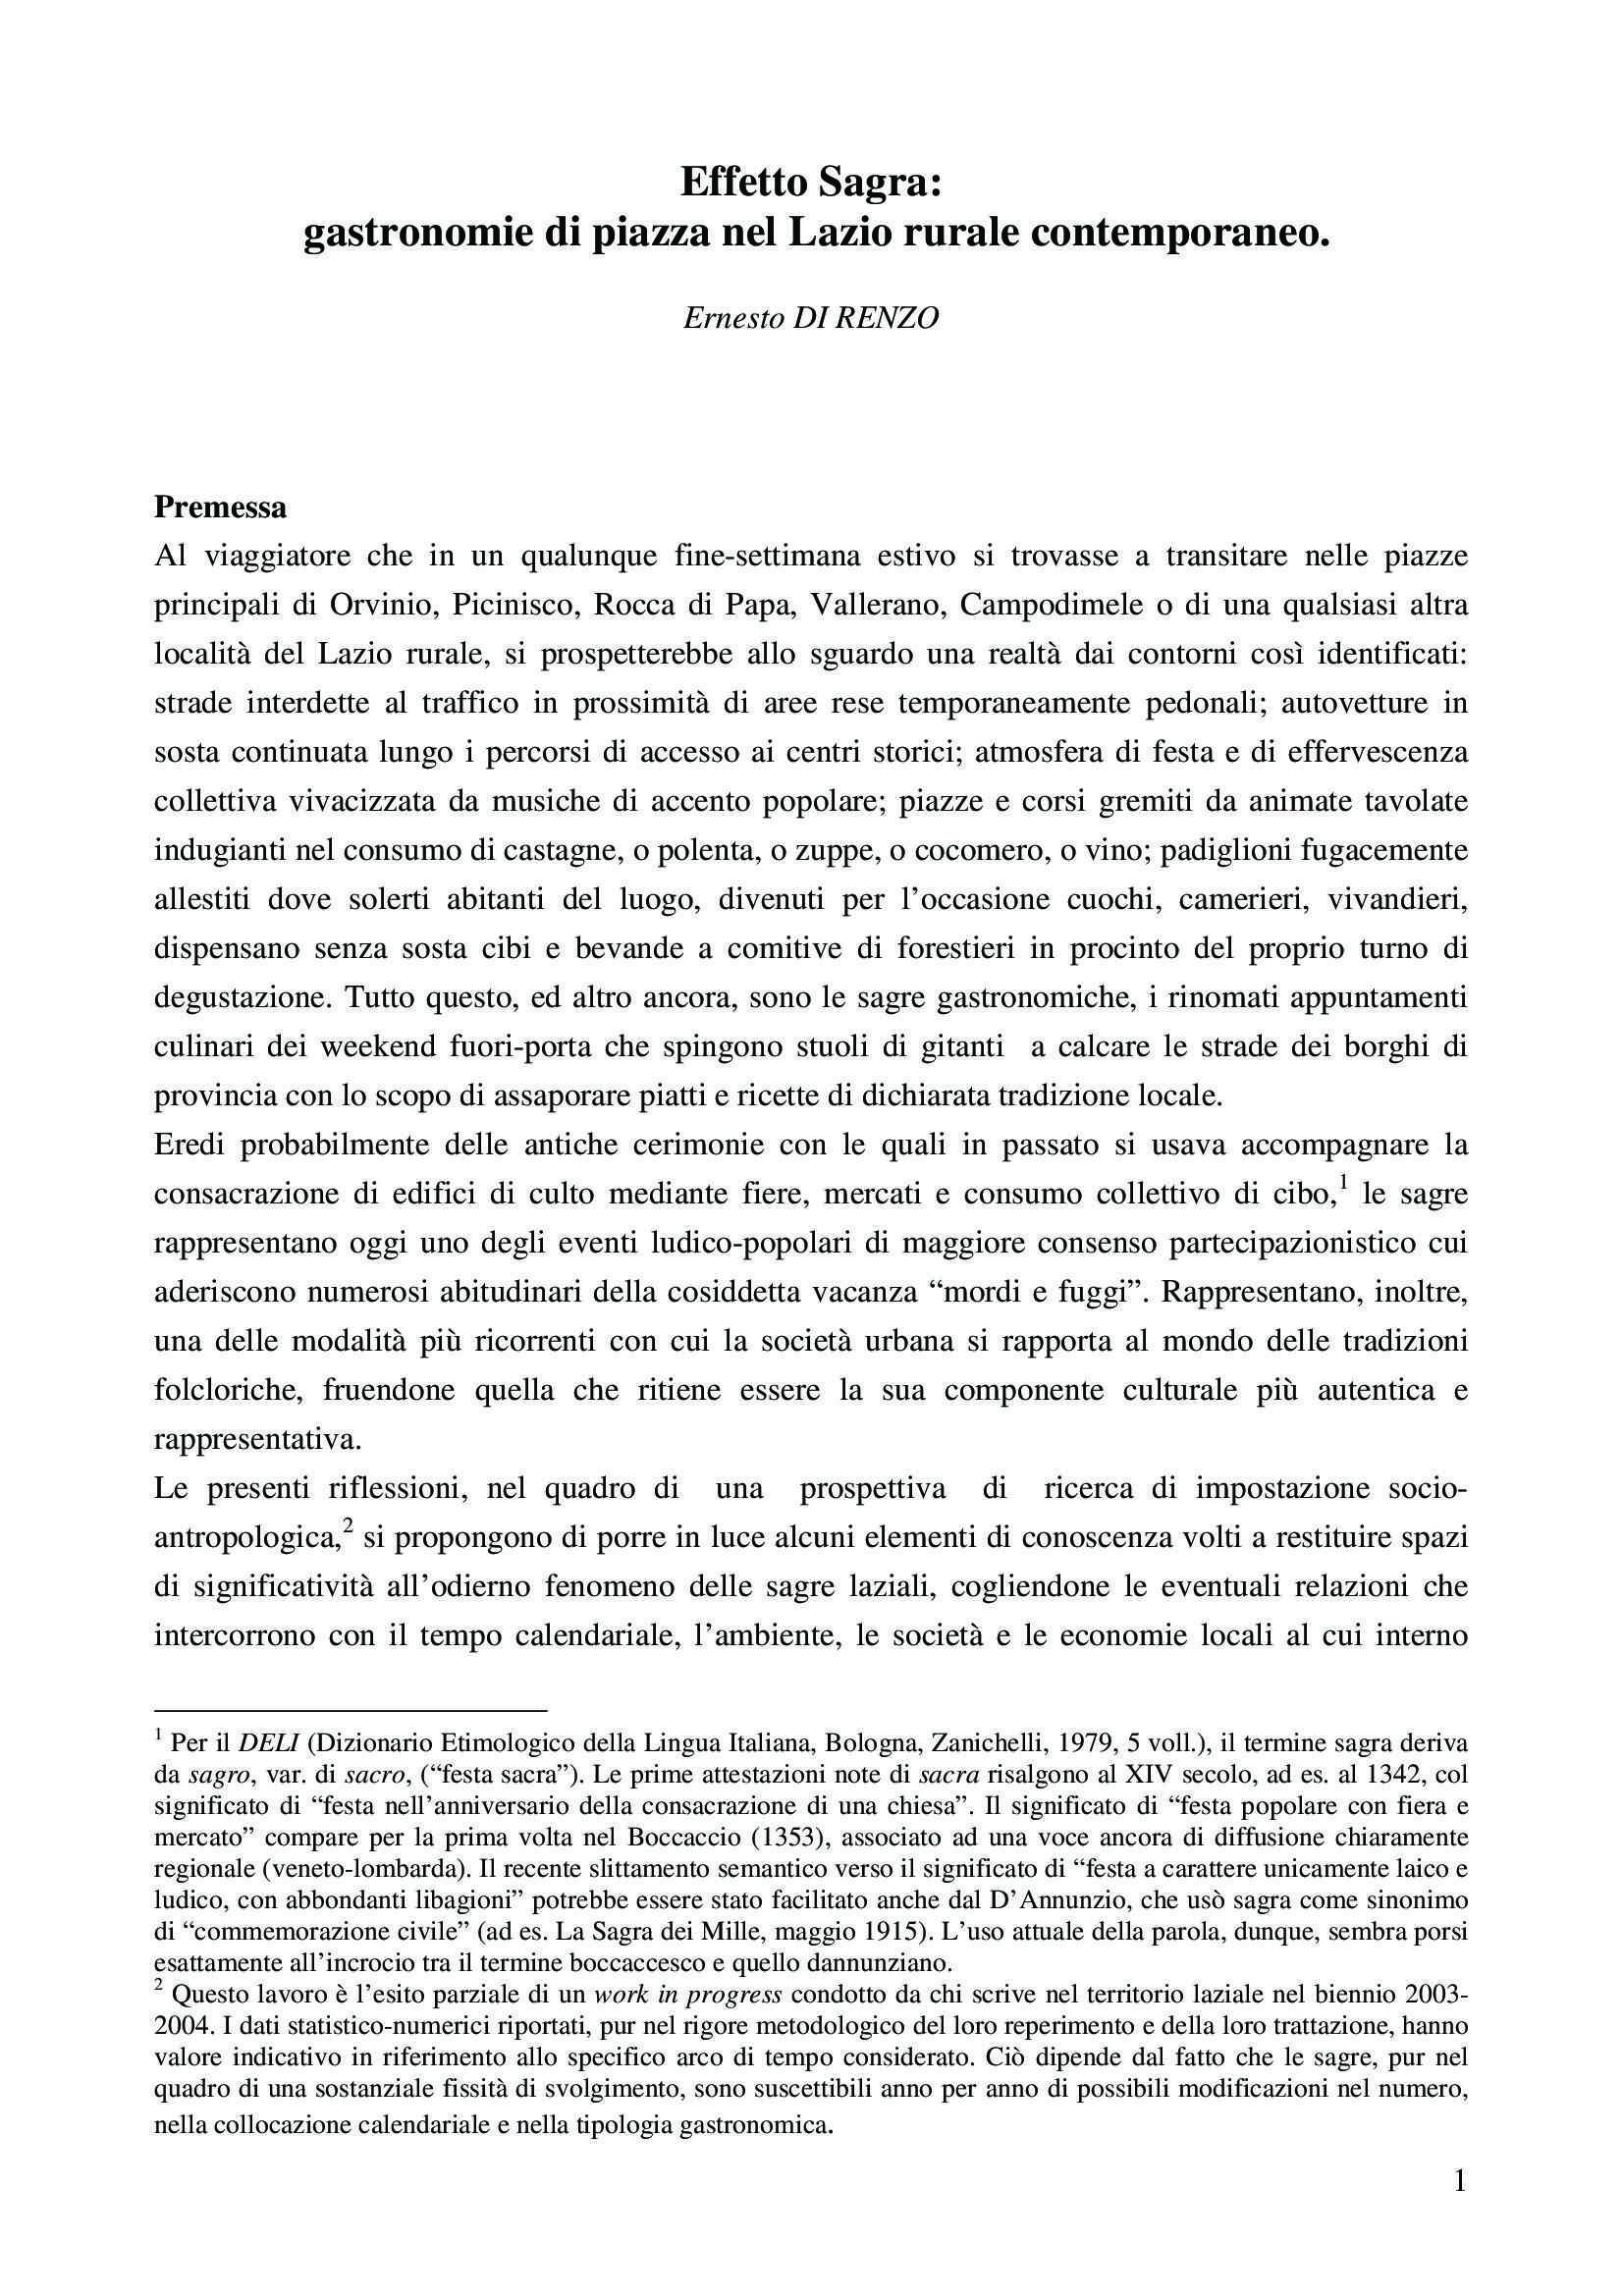 Effetto sagra - Gastronomie di piazza nel Lazio rurale contemporaneo